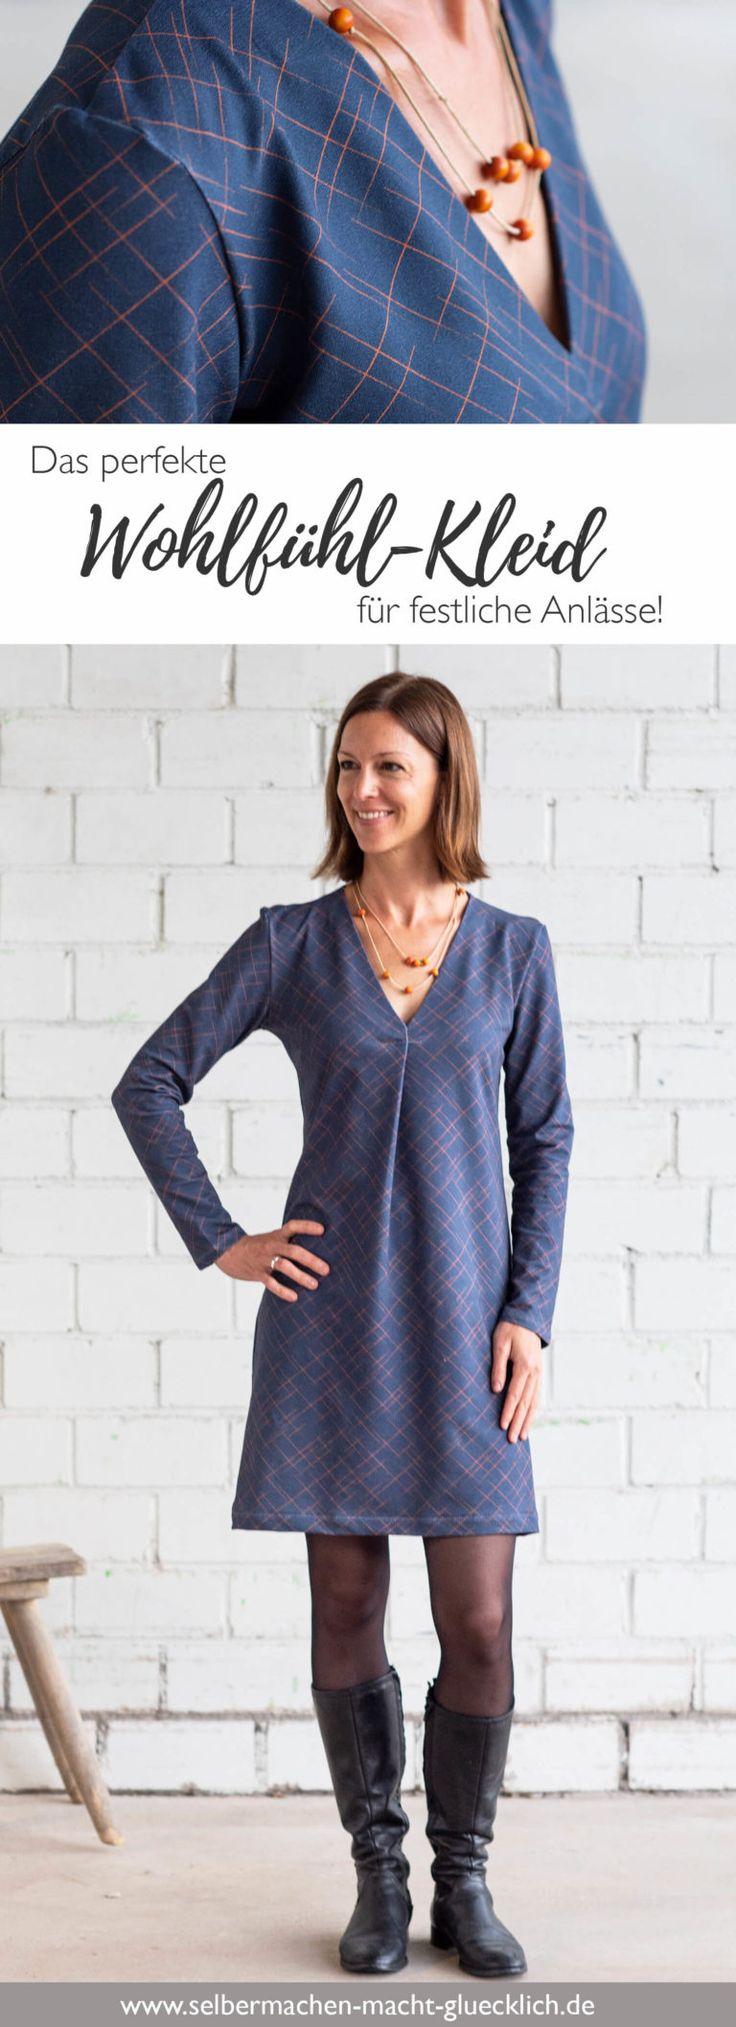 Das perfekte Wohlfühl-Kleid für festliche Anlässe selber nähen! – susanne Gessler